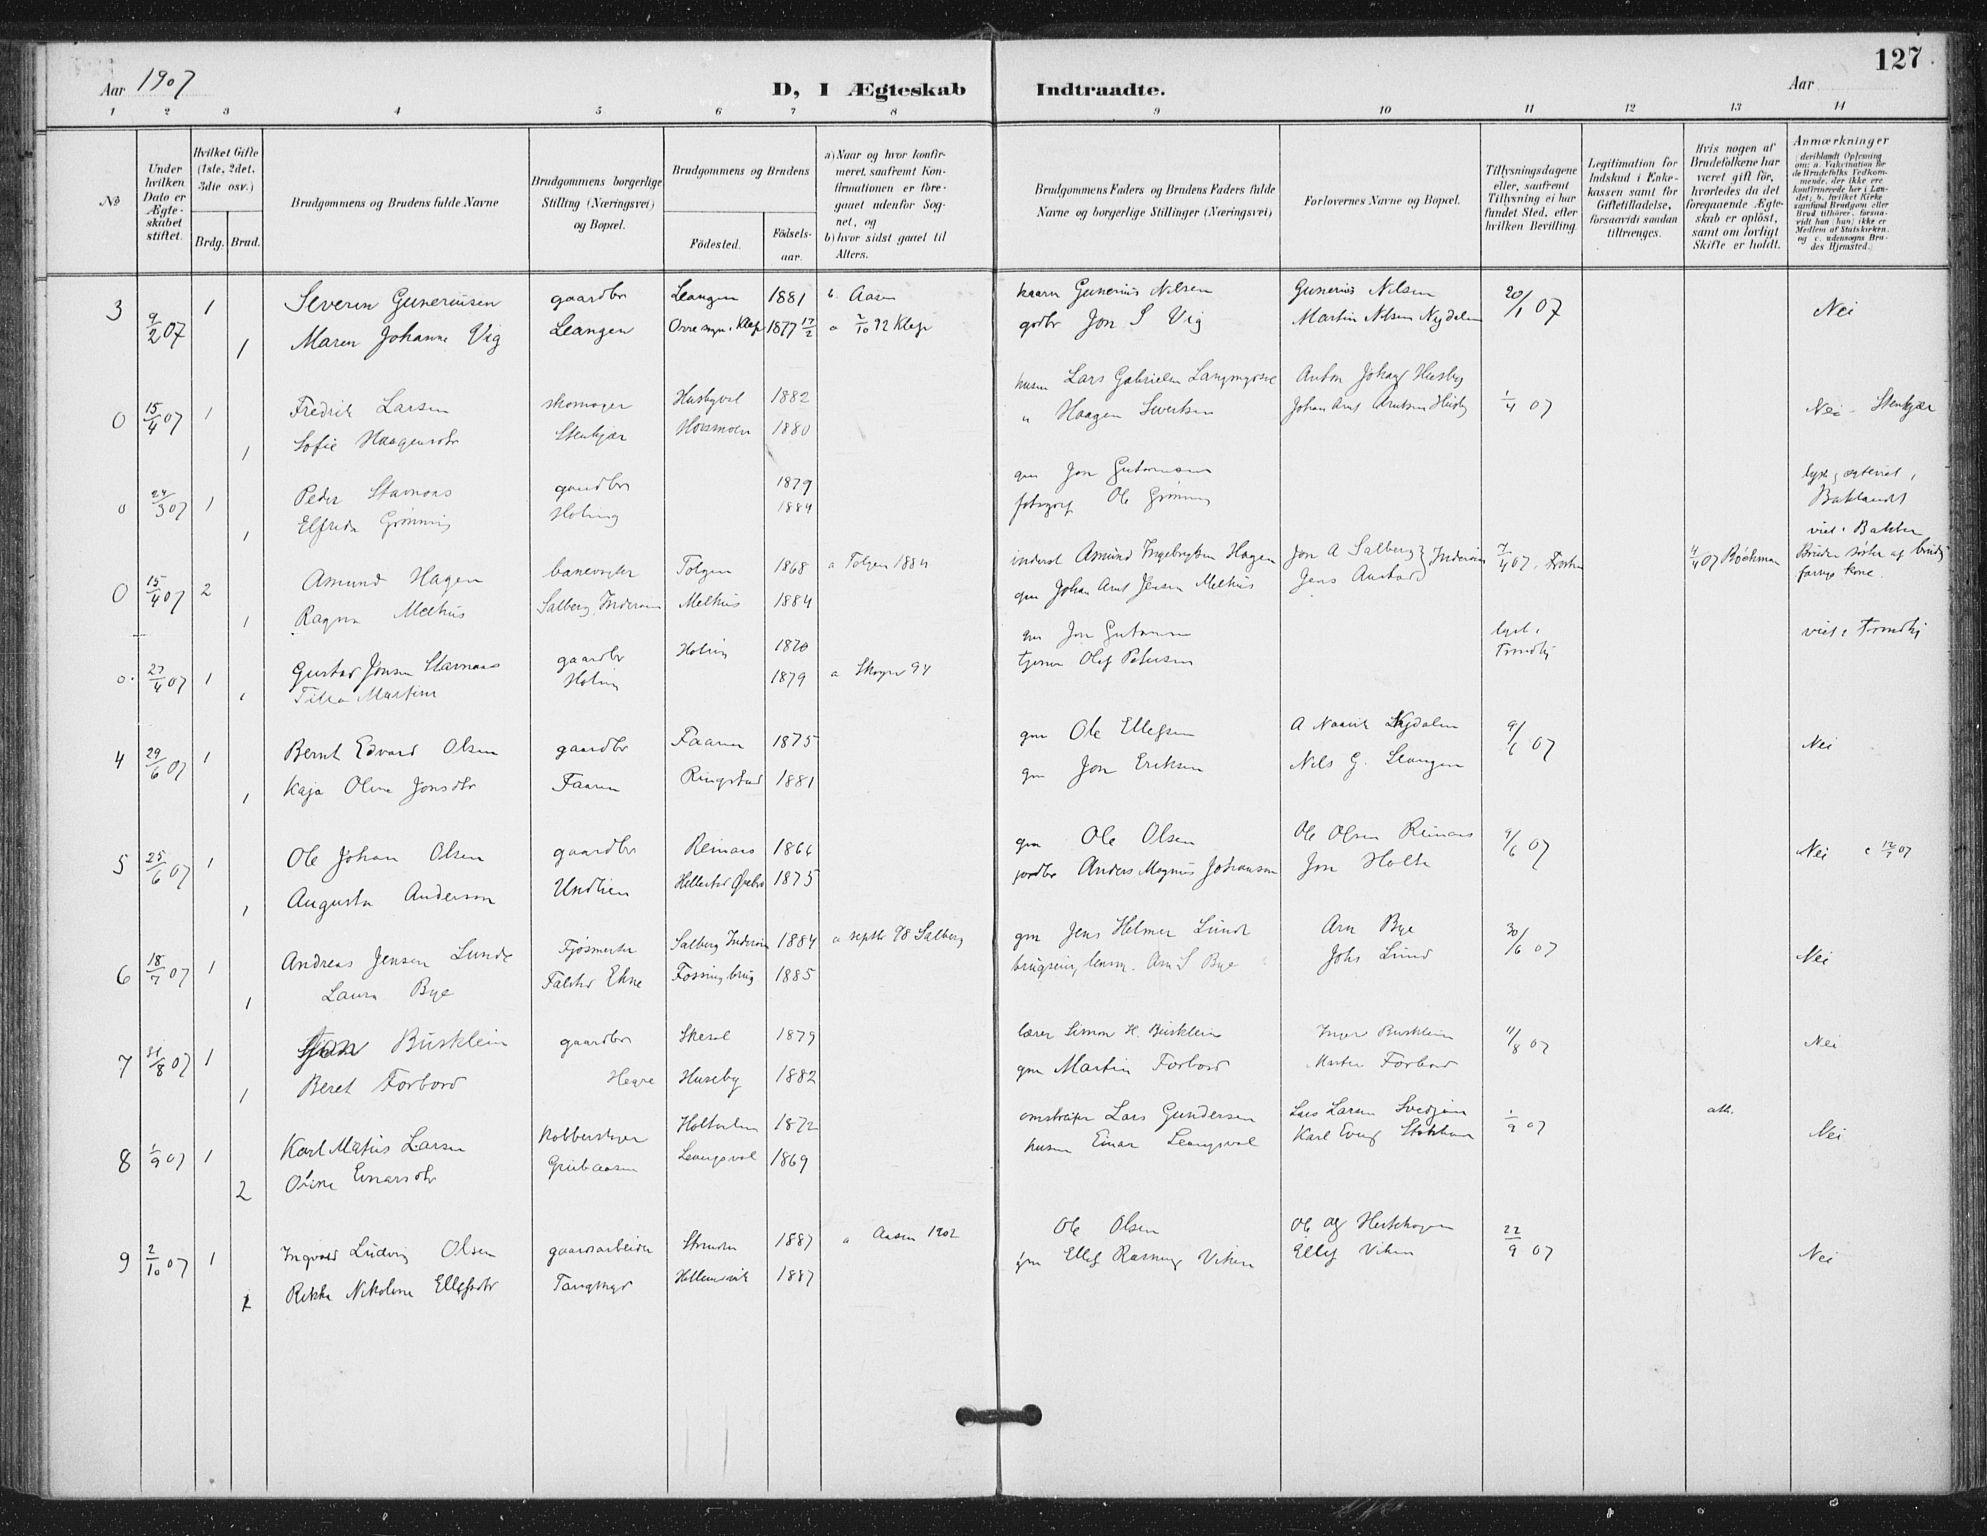 SAT, Ministerialprotokoller, klokkerbøker og fødselsregistre - Nord-Trøndelag, 714/L0131: Ministerialbok nr. 714A02, 1896-1918, s. 127